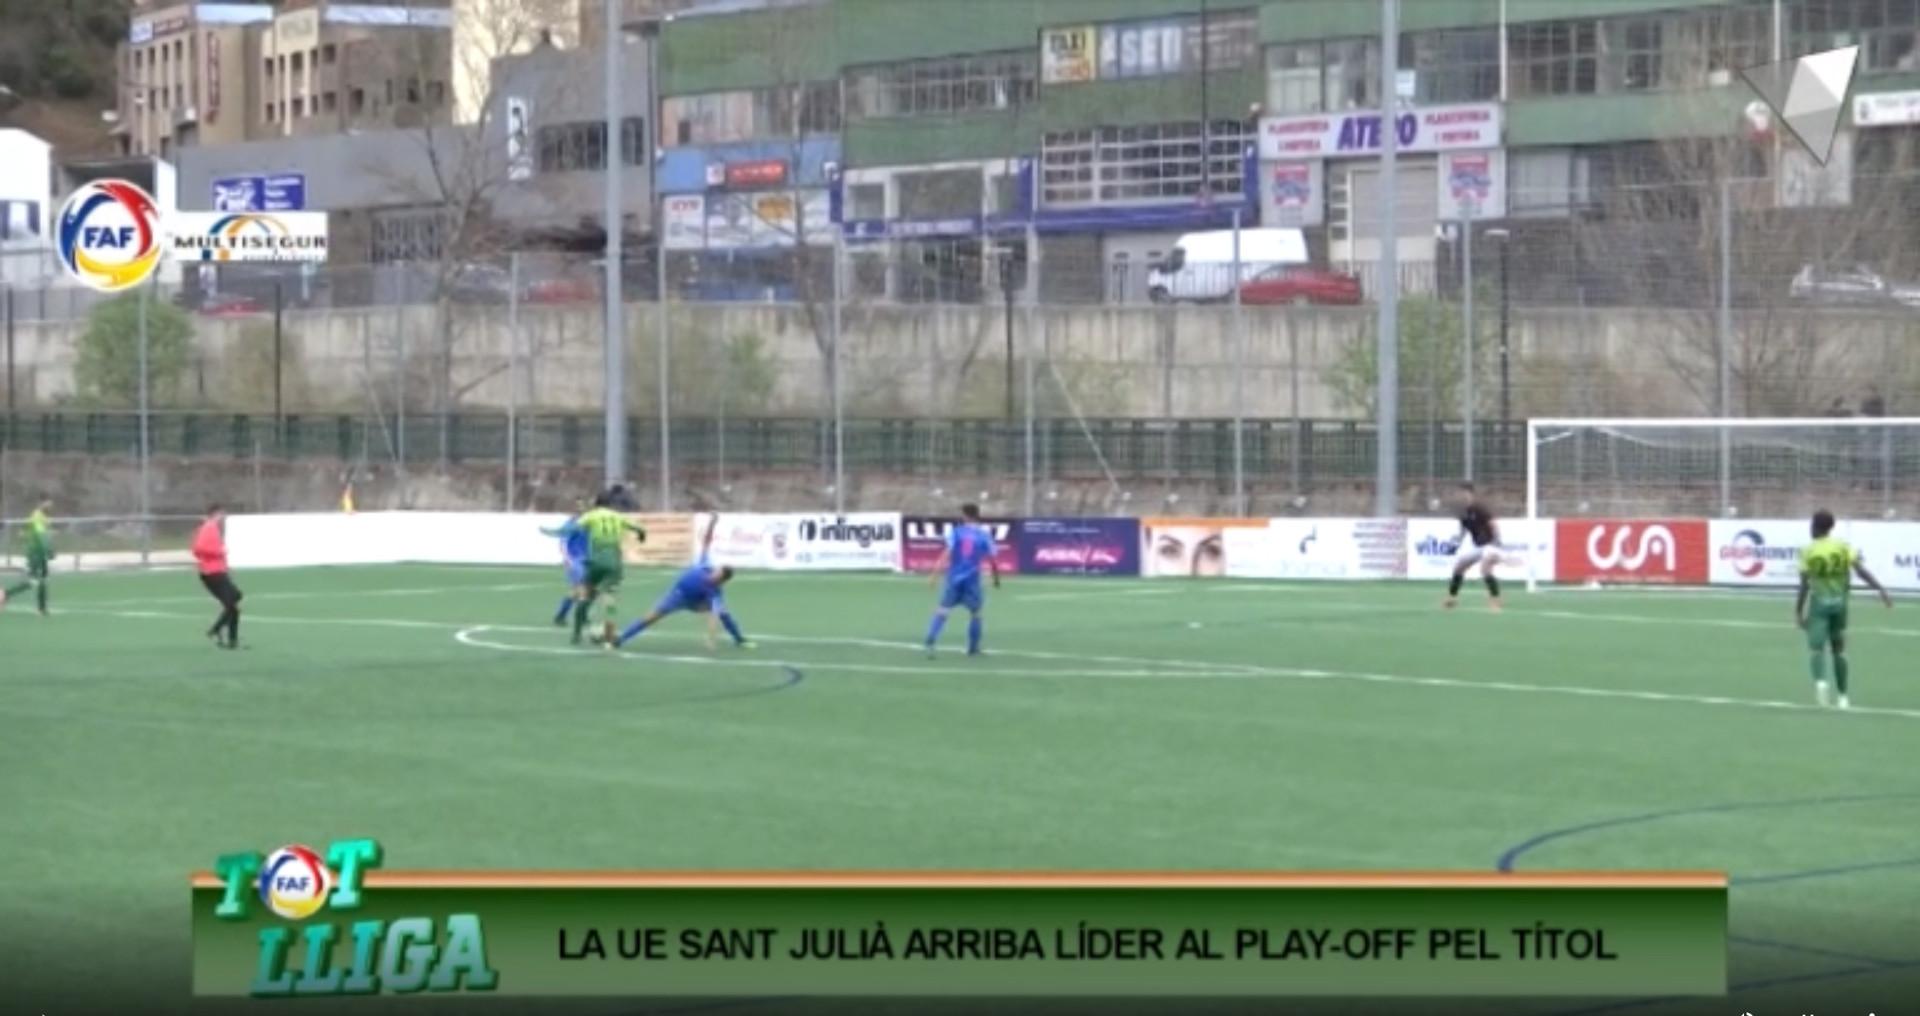 Tot Lliga - 08 d'abril del 2019